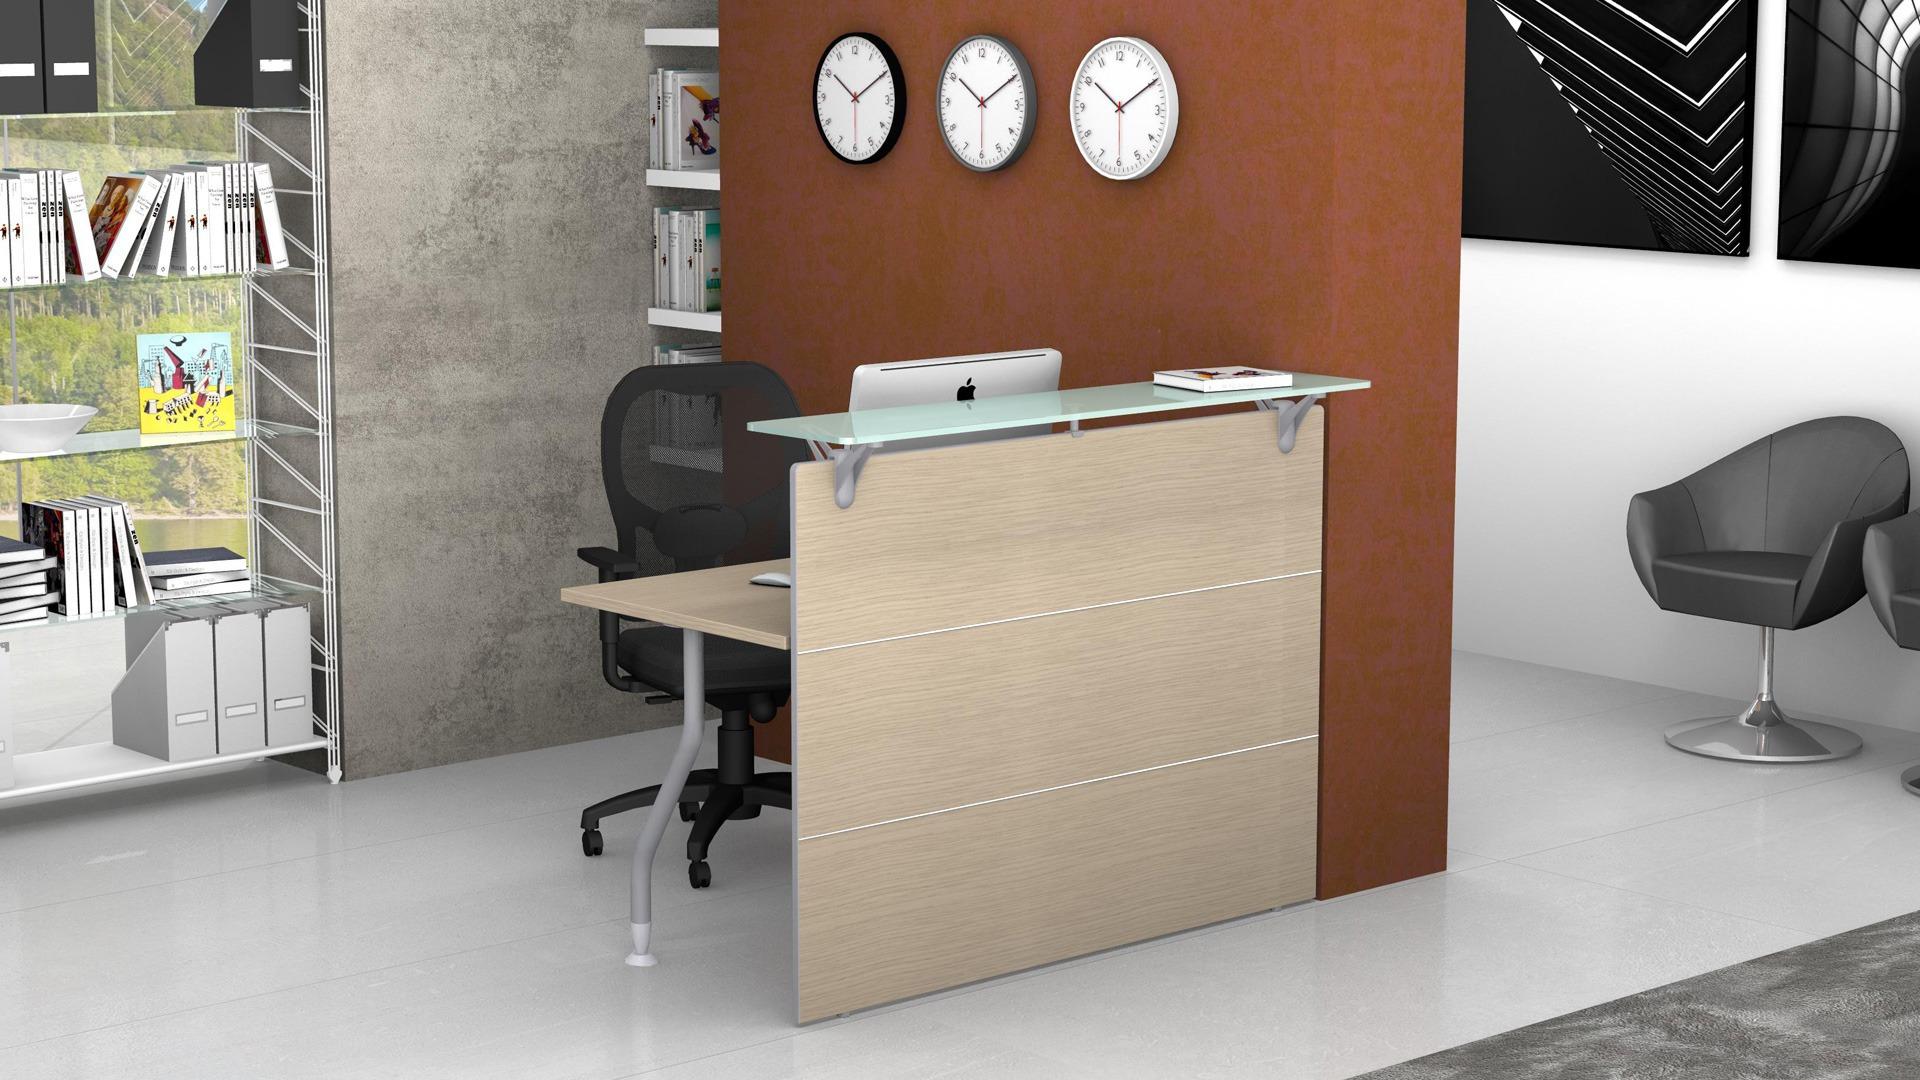 Reception bancone modulare lineare